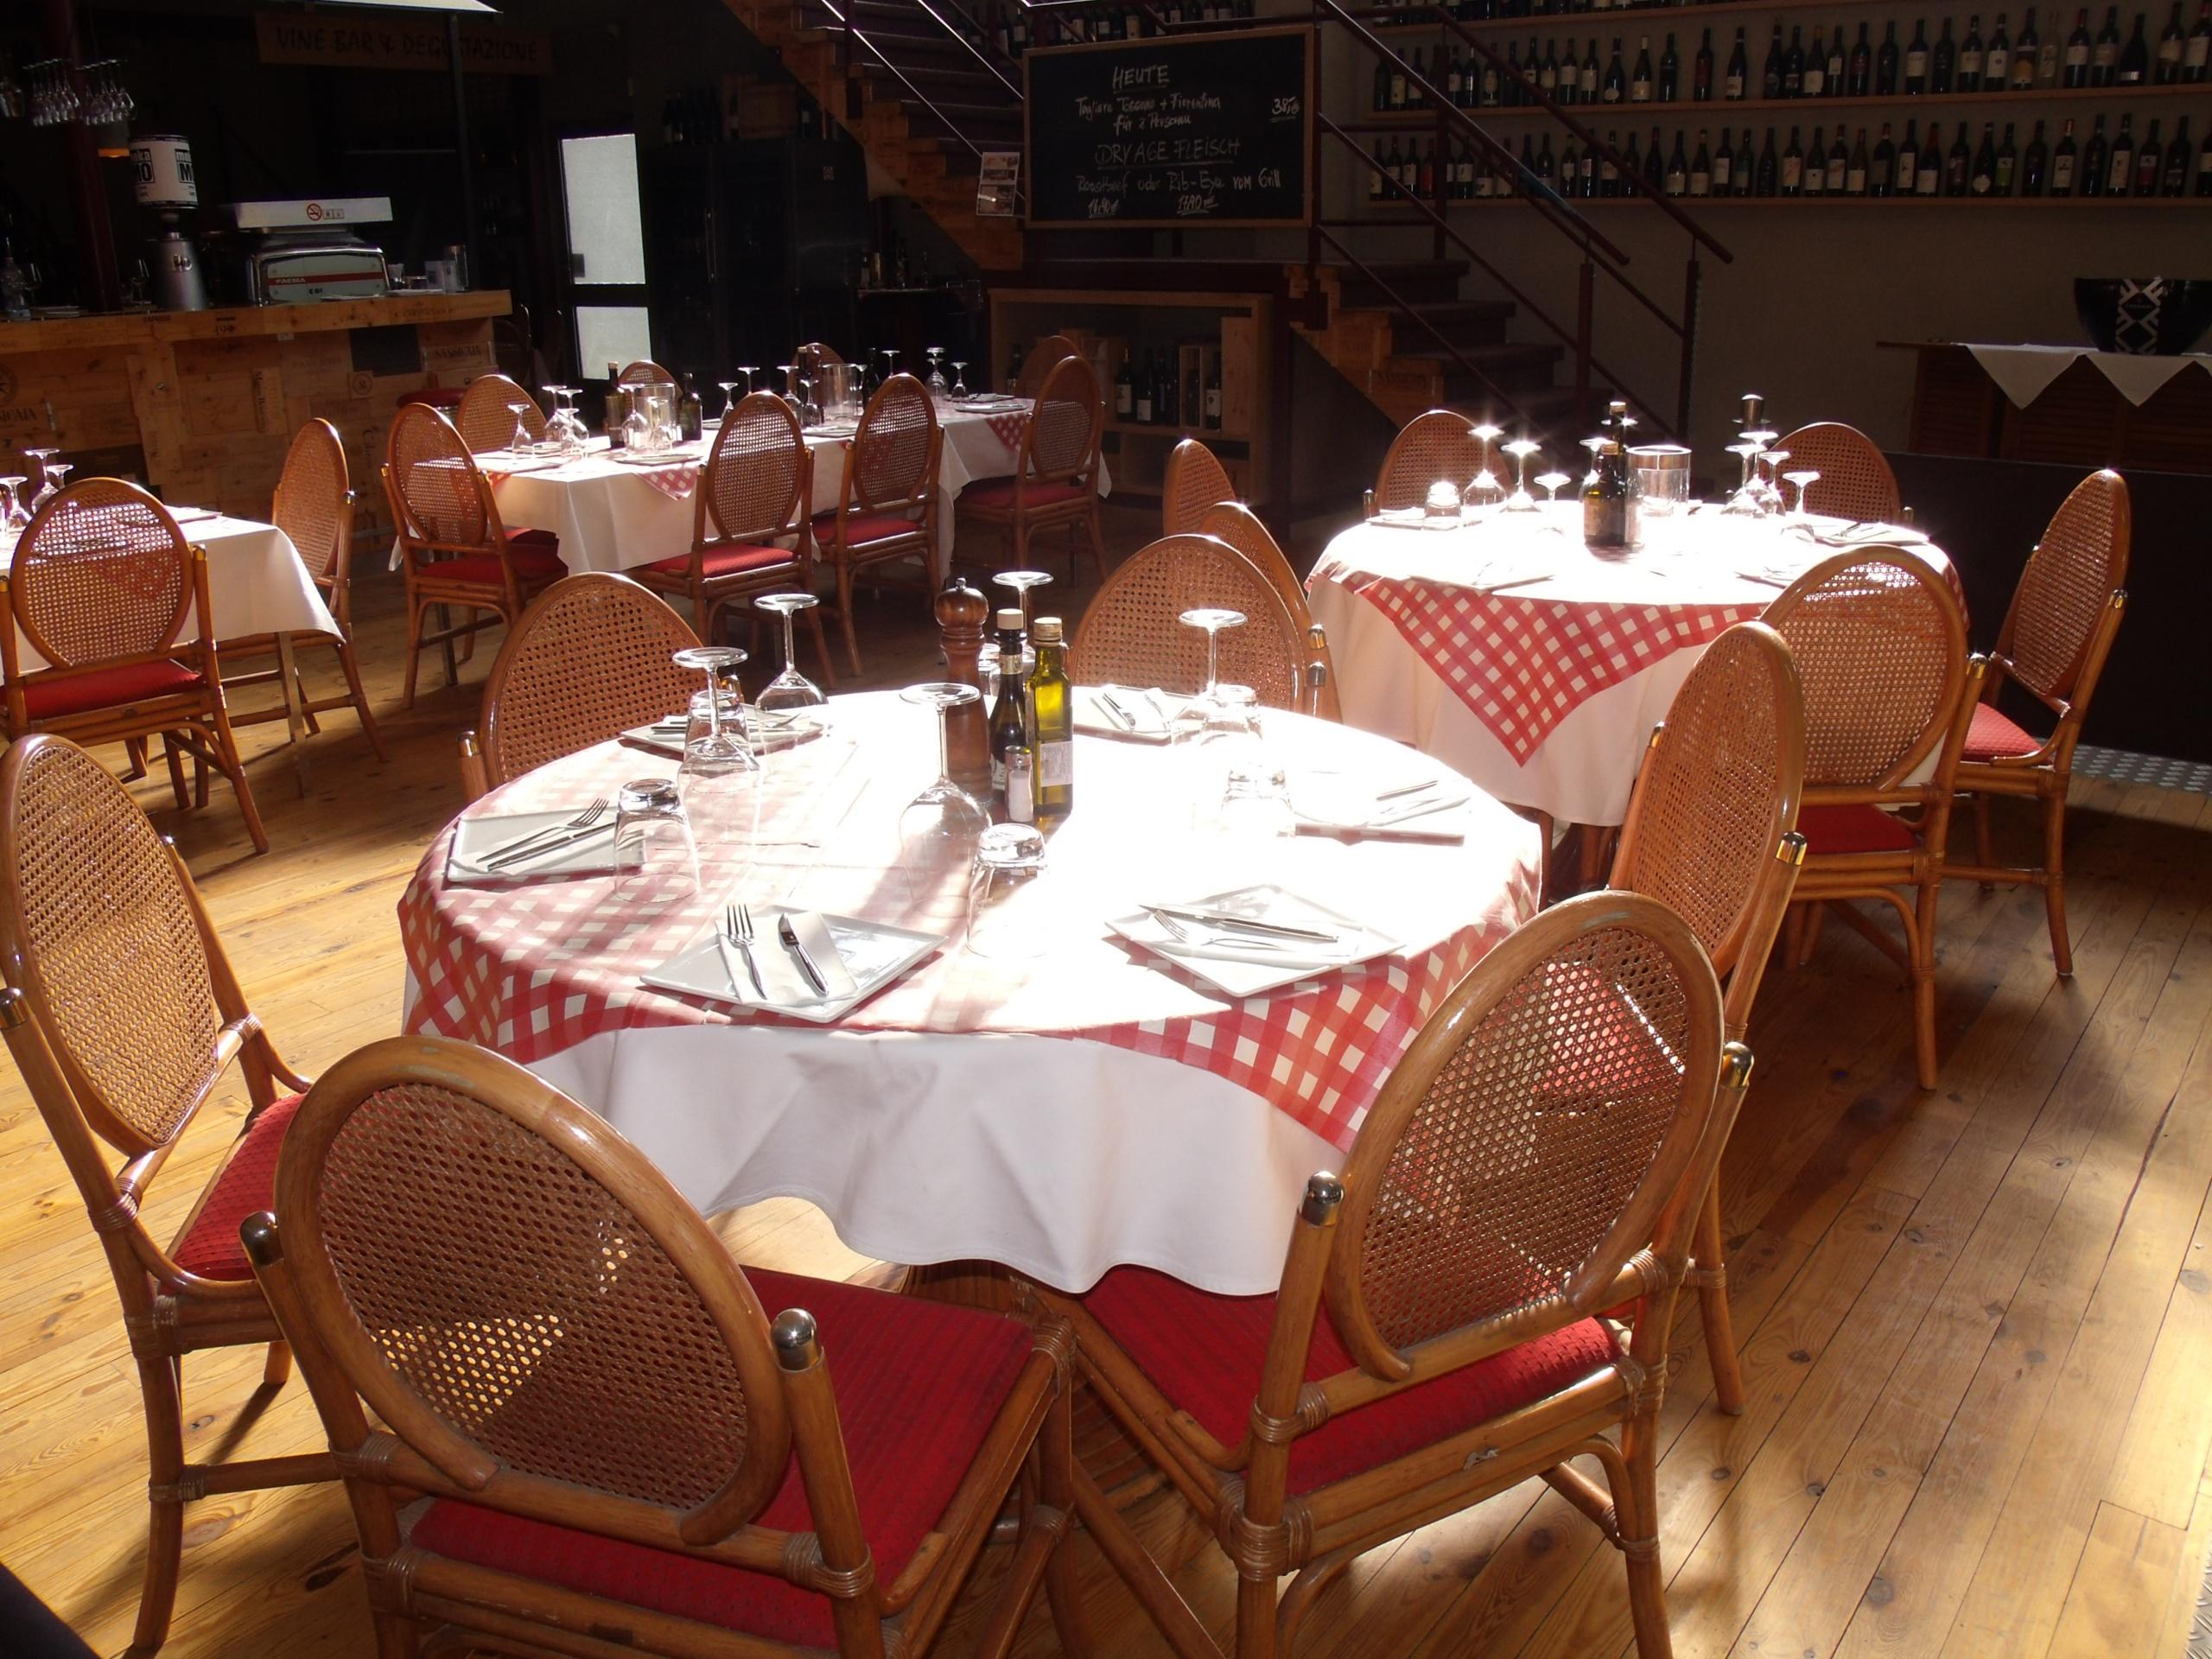 Sitzbereich Mavin Restaurant Augsburg